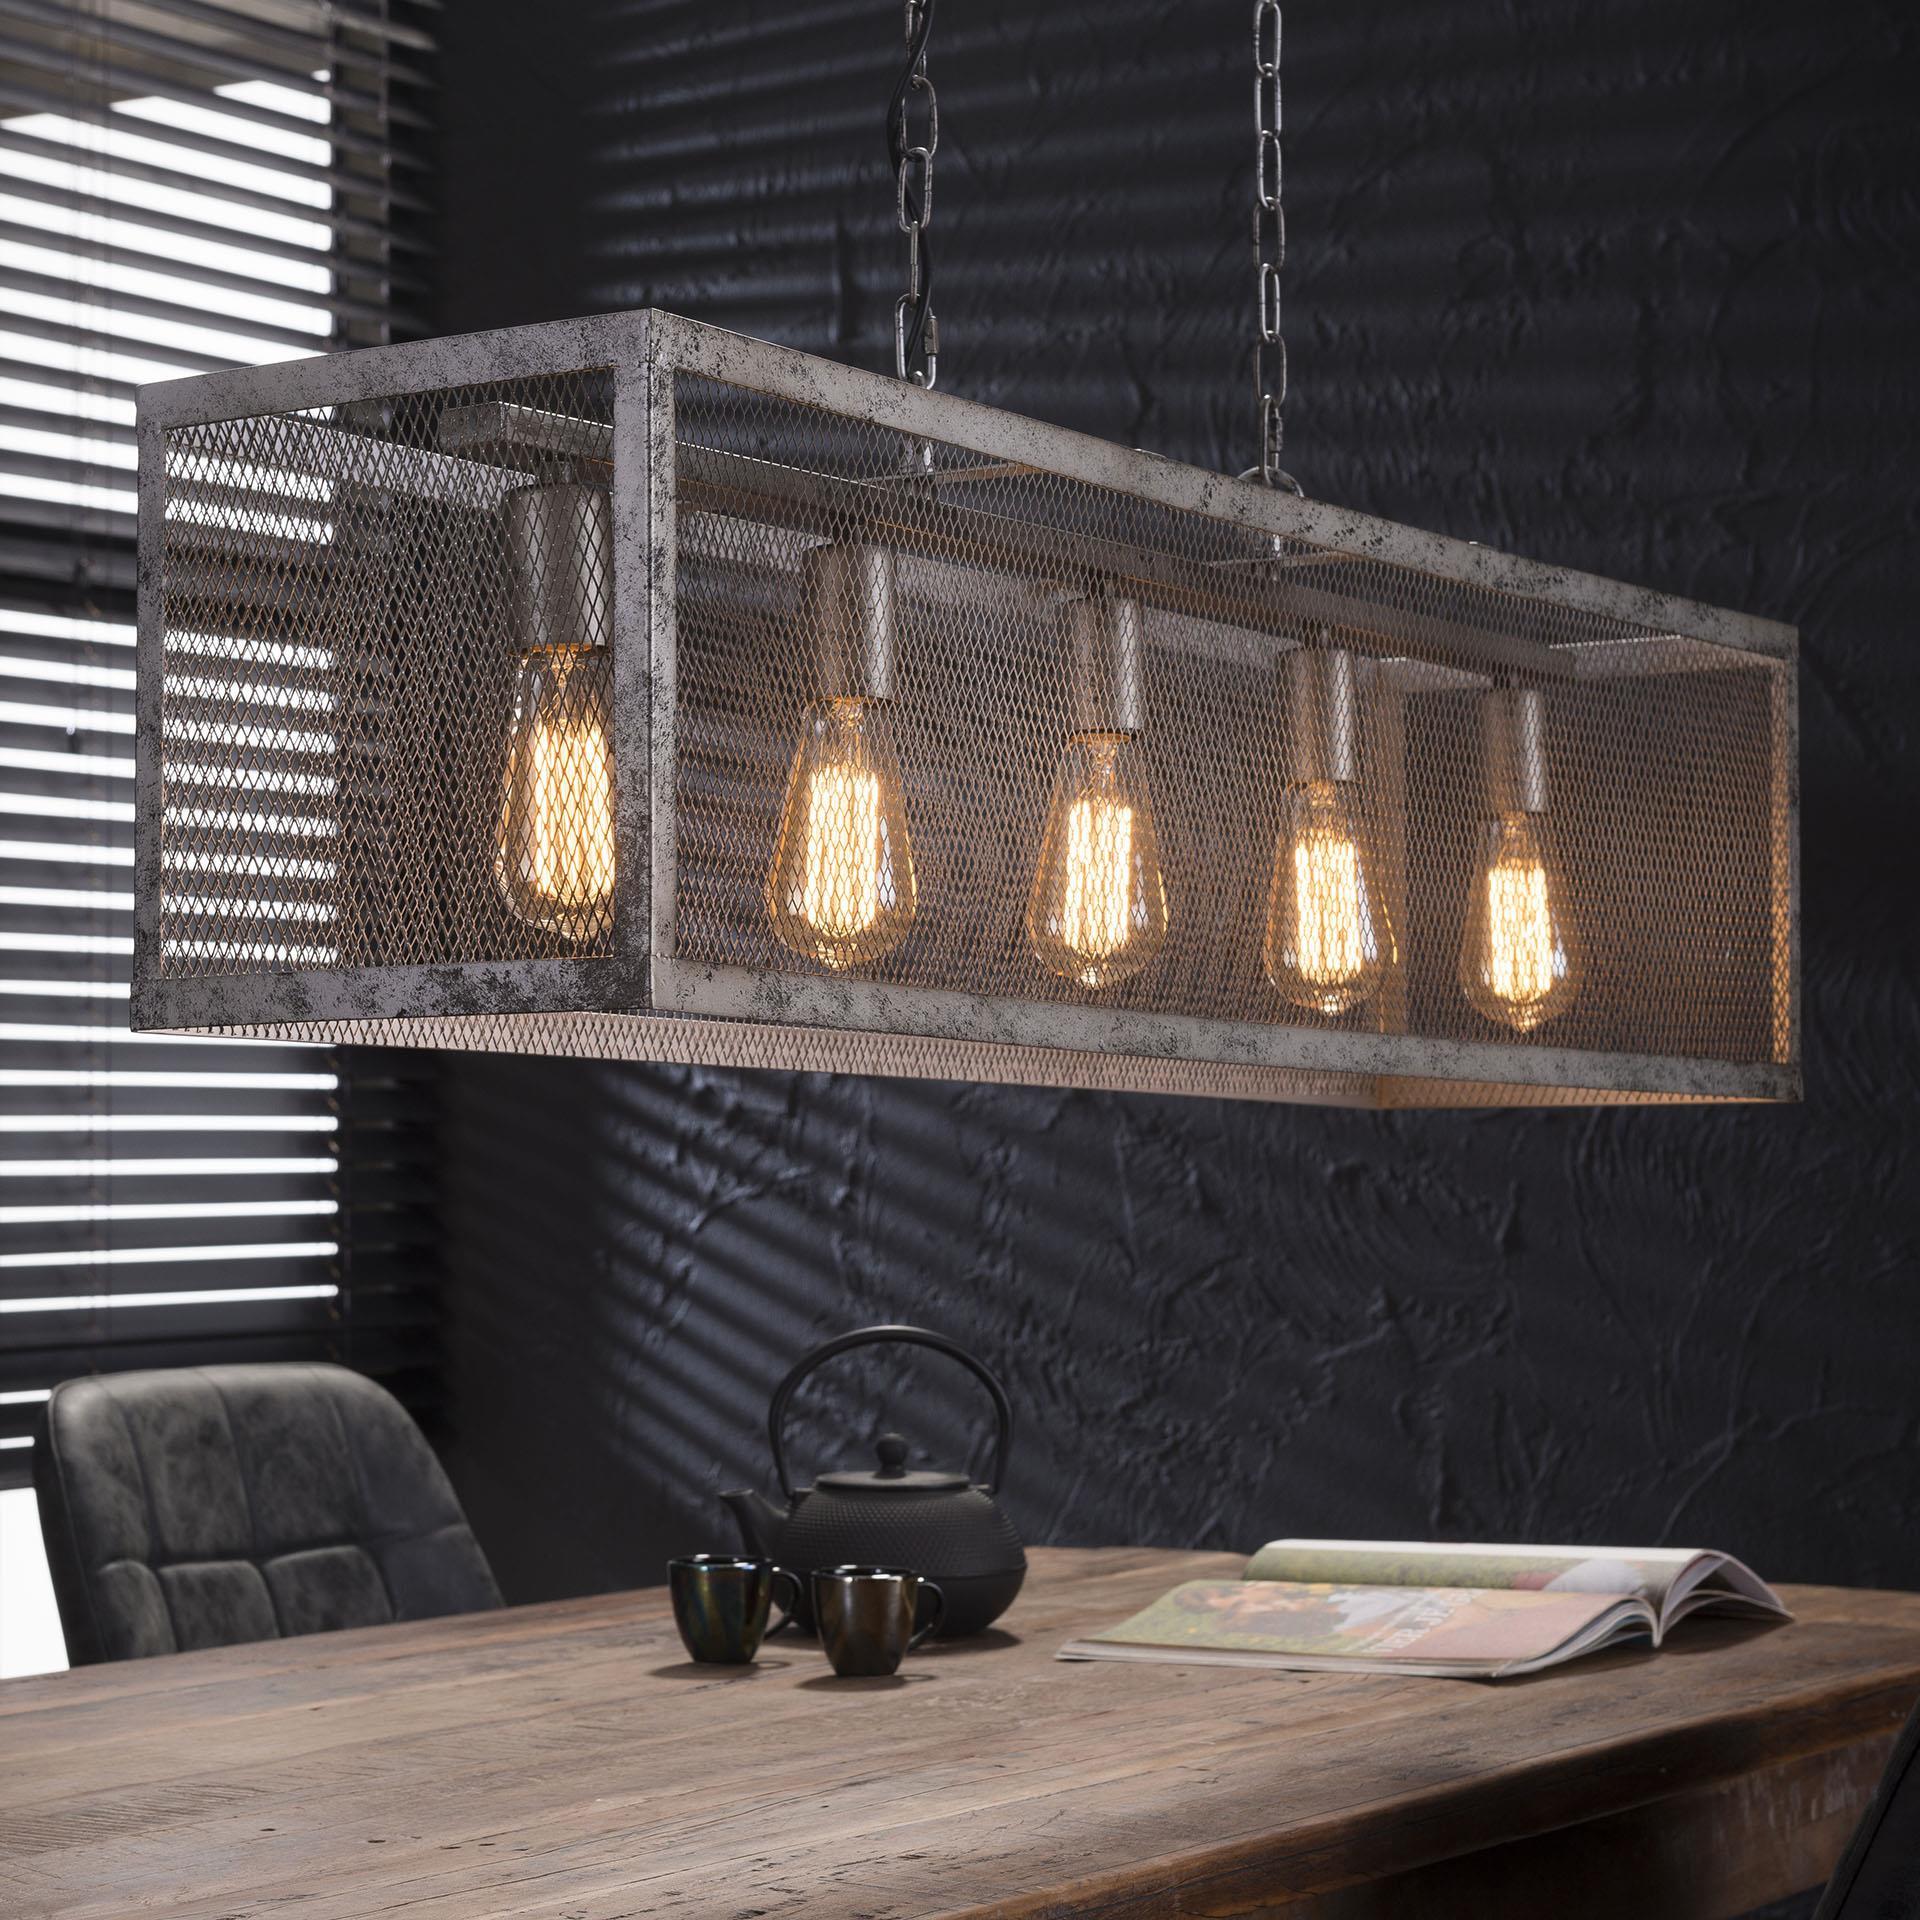 Industriële Hanglamp 'Matt' 5-lamps Verlichting | Hanglampen vergelijken doe je het voordeligst hier bij Meubelpartner